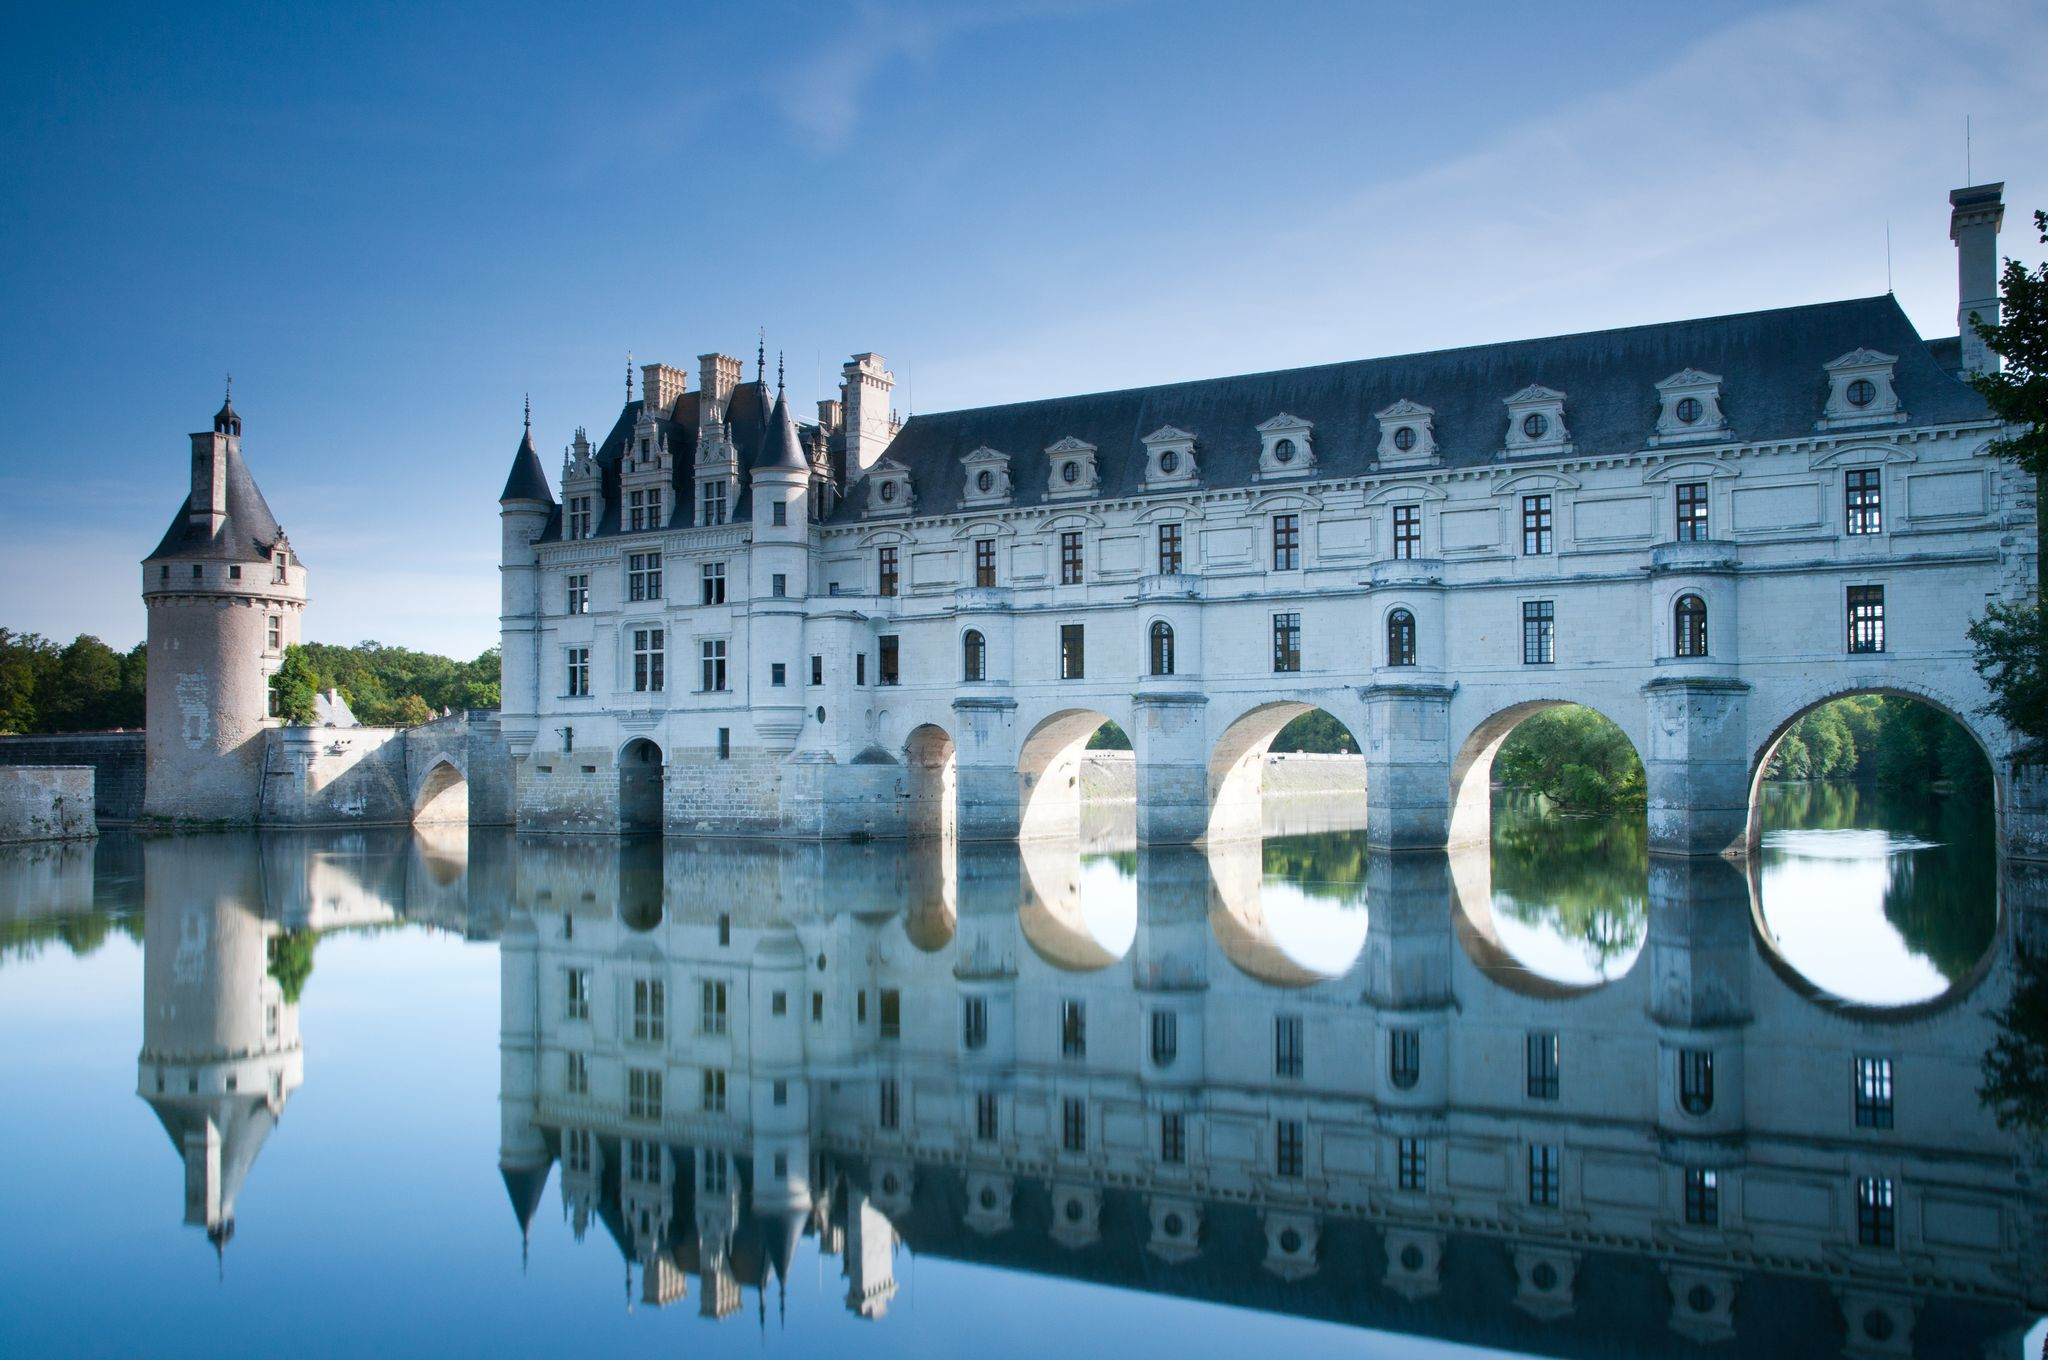 Κάστρο του Σενονσώ, Σενονσώ, Αντρ-ε-Λουάρ, Γαλλία